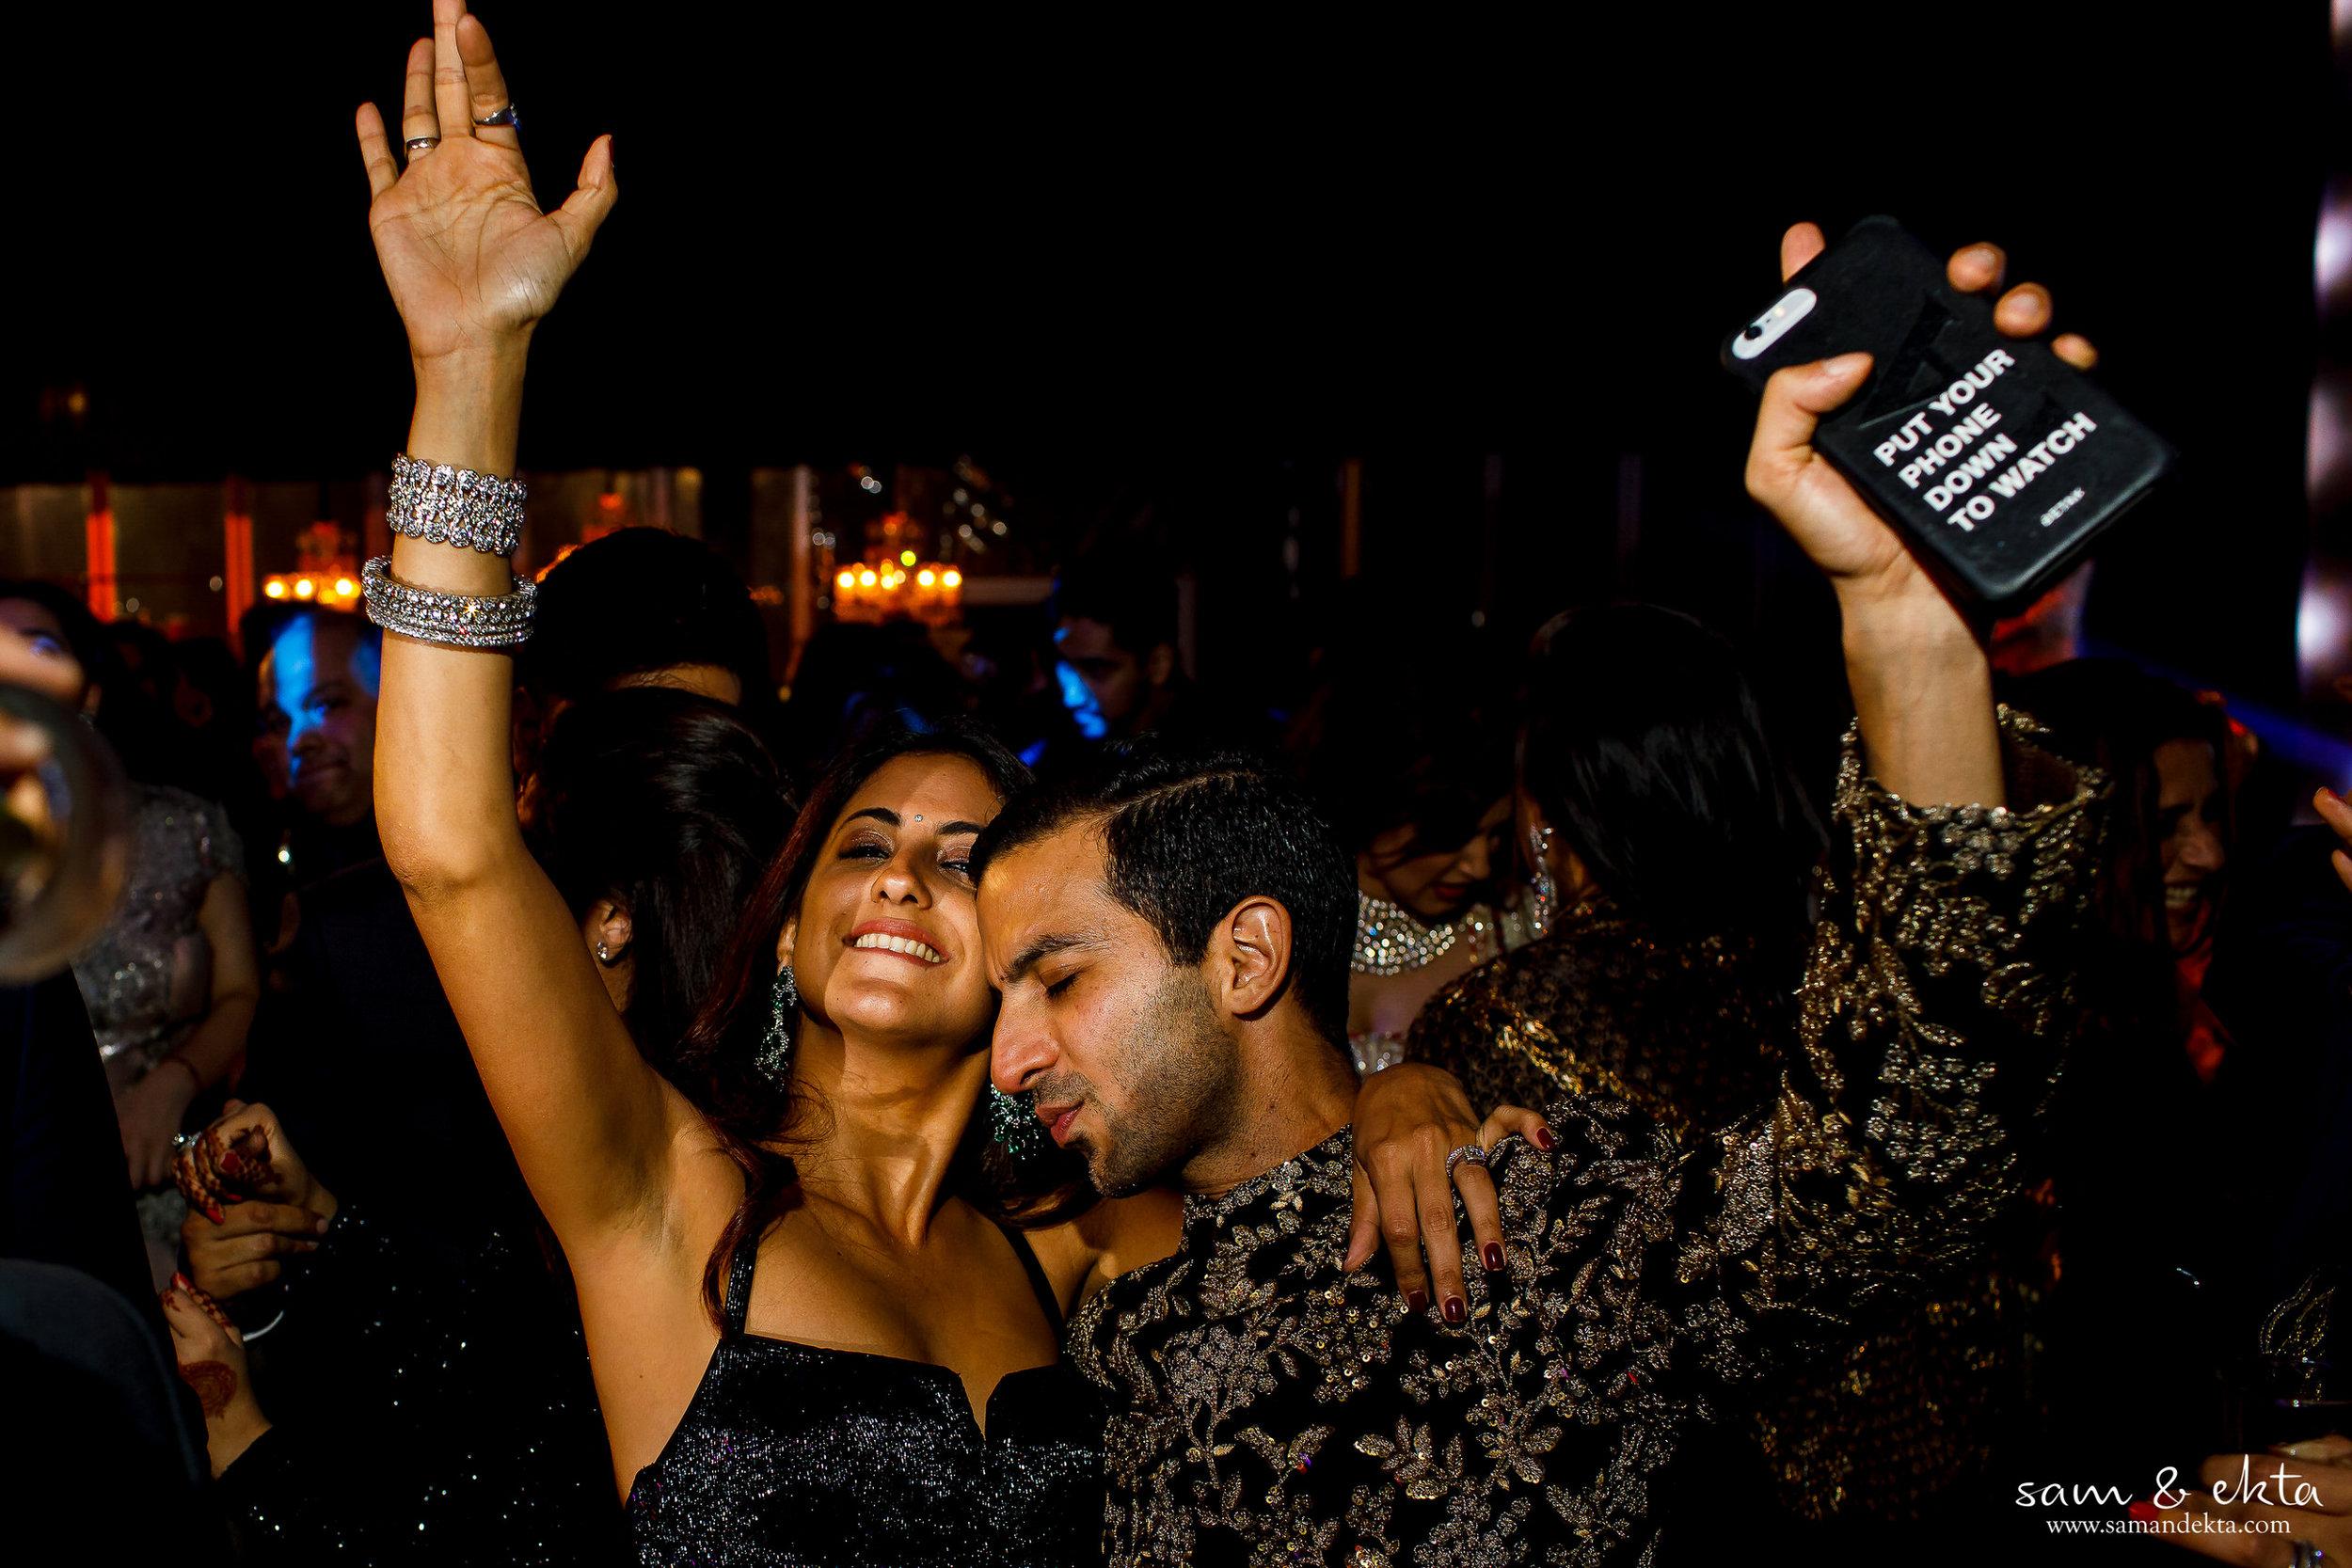 A&M_by Sam&Ekta_www.samandekta.com-53.jpg